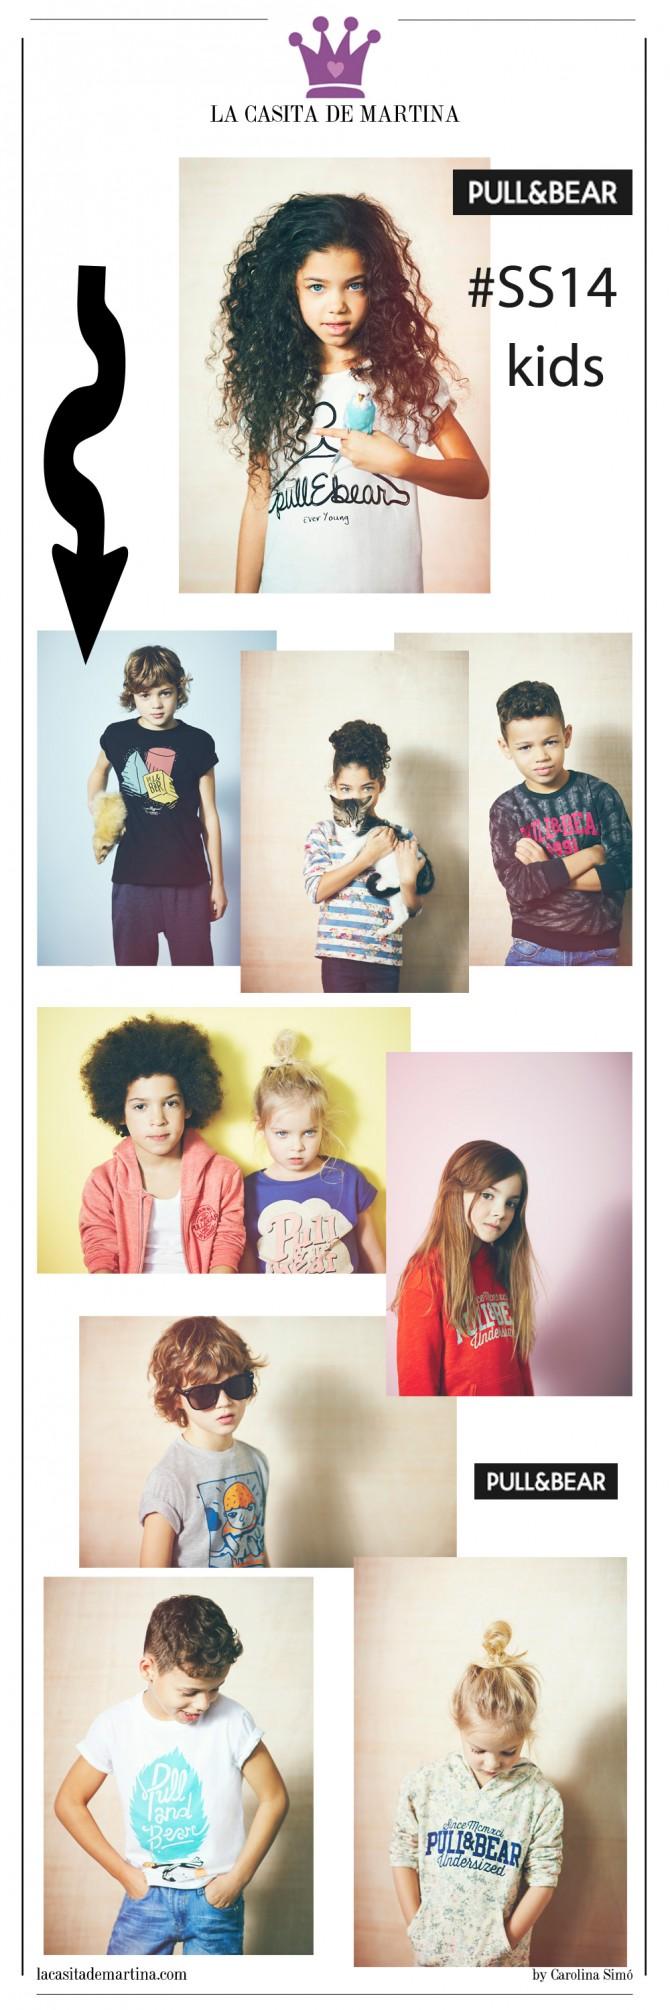 PULL&BEAR KIDS, La casita de Martina, Blog de Moda Infantil,  Blog Moda Premamá